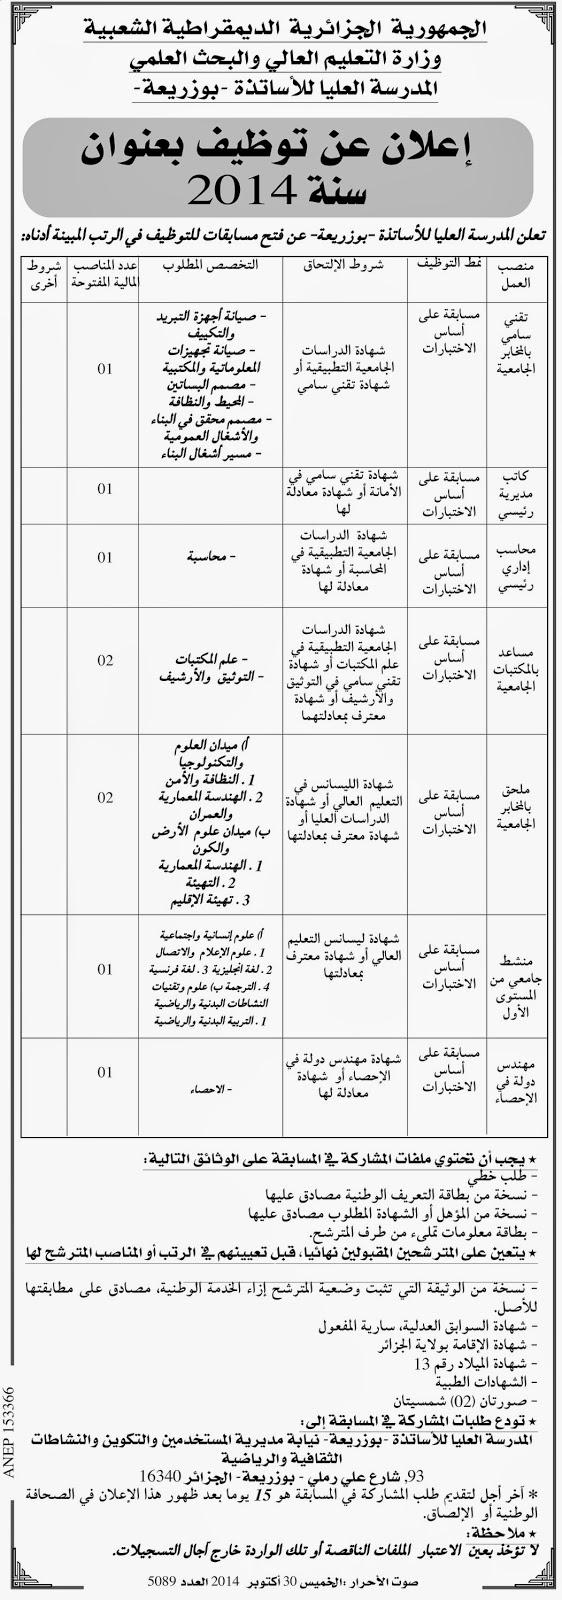 مسابقات توظيف في المدرسة العليا للأساتذة بوزريعة بالجزائر العاصمة